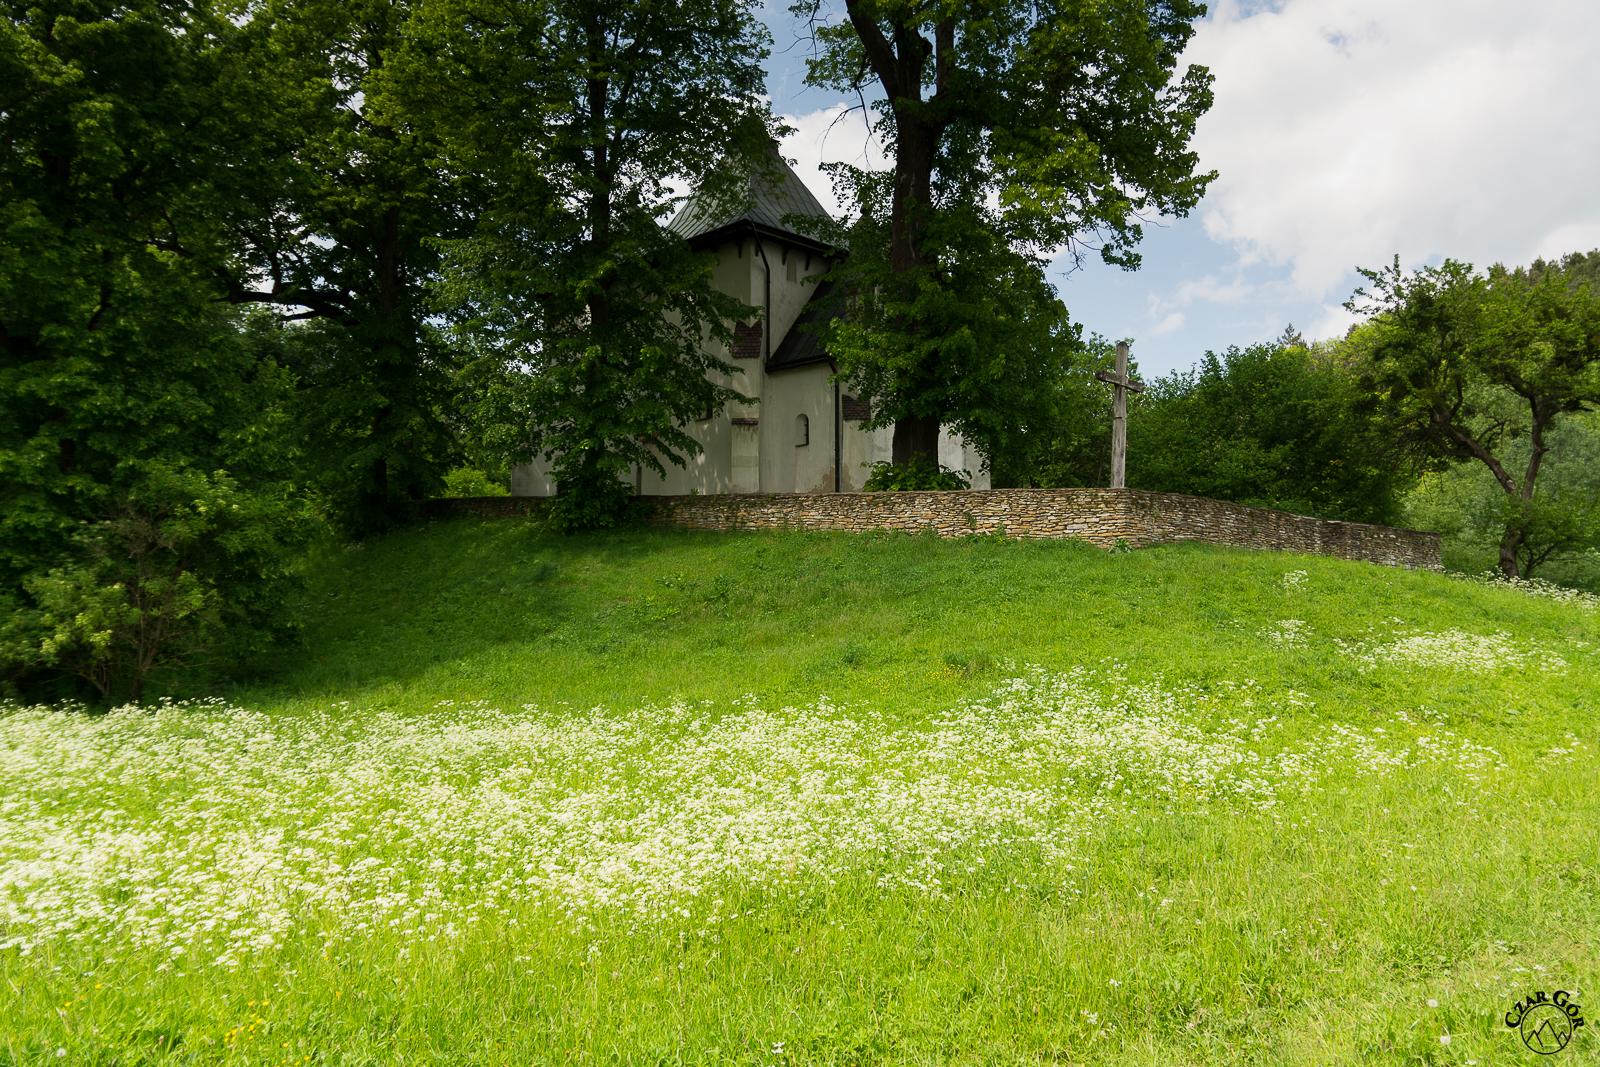 Najstarsza w Polsce cerkiew obronna XIV/XVI w. Posada Rybotocka